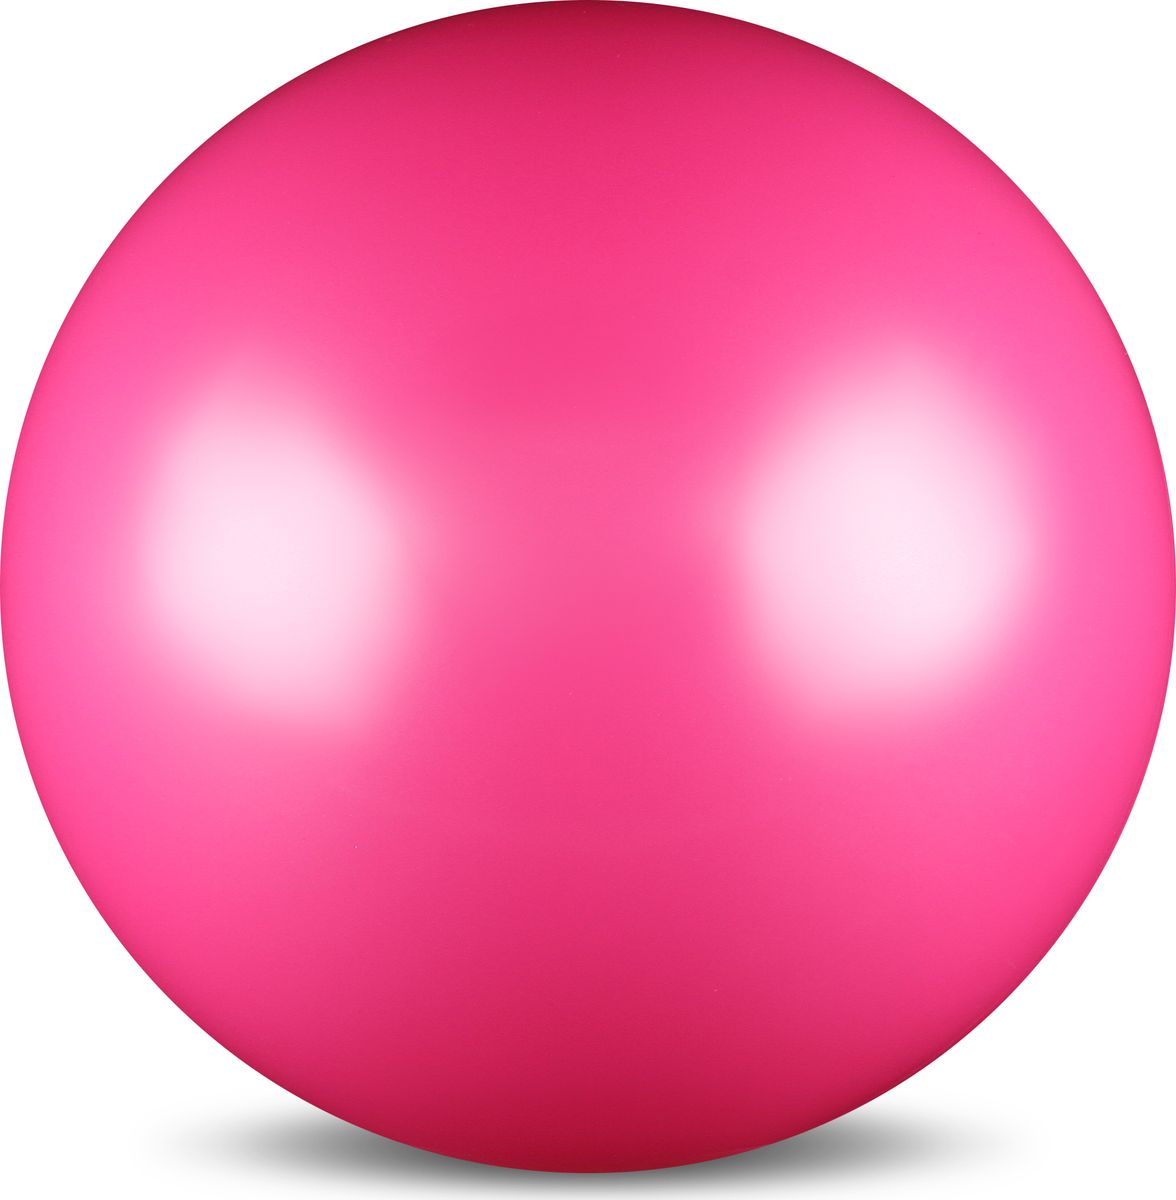 Мяч для художественной гимнастики Indigo, силиконовый, цвет: фуксия, диаметр 15 см мяч для художественной гимнастики indigo силиконовый цвет разноцветный диаметр 15 см